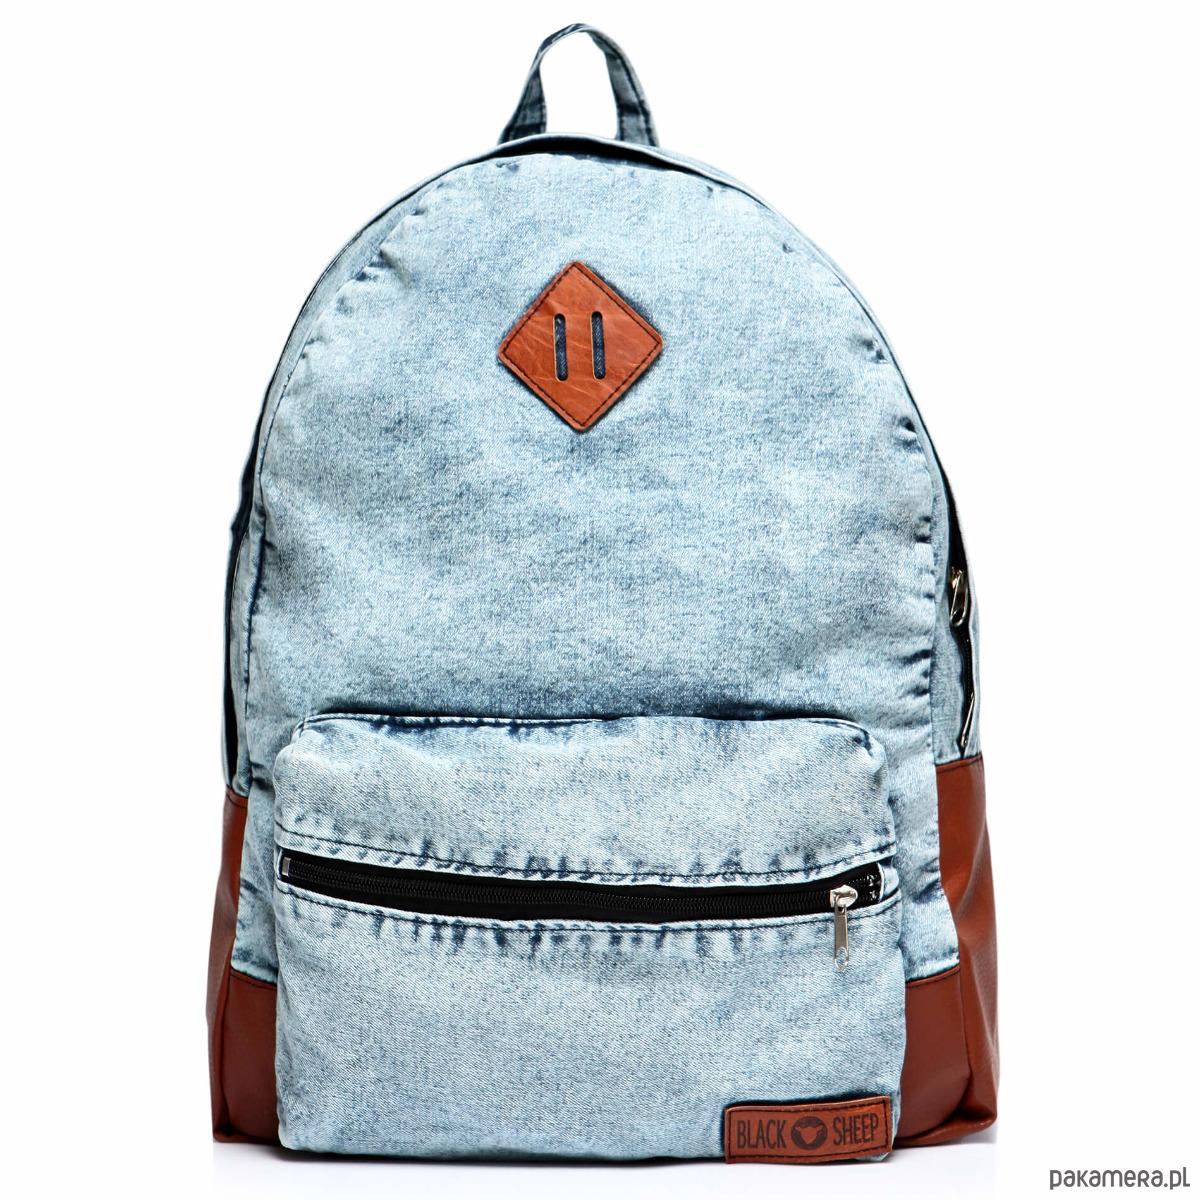 d3def8f60330c Plecak vintage damski jeansowy marmurkowy worek - plecaki - Pakamera.pl